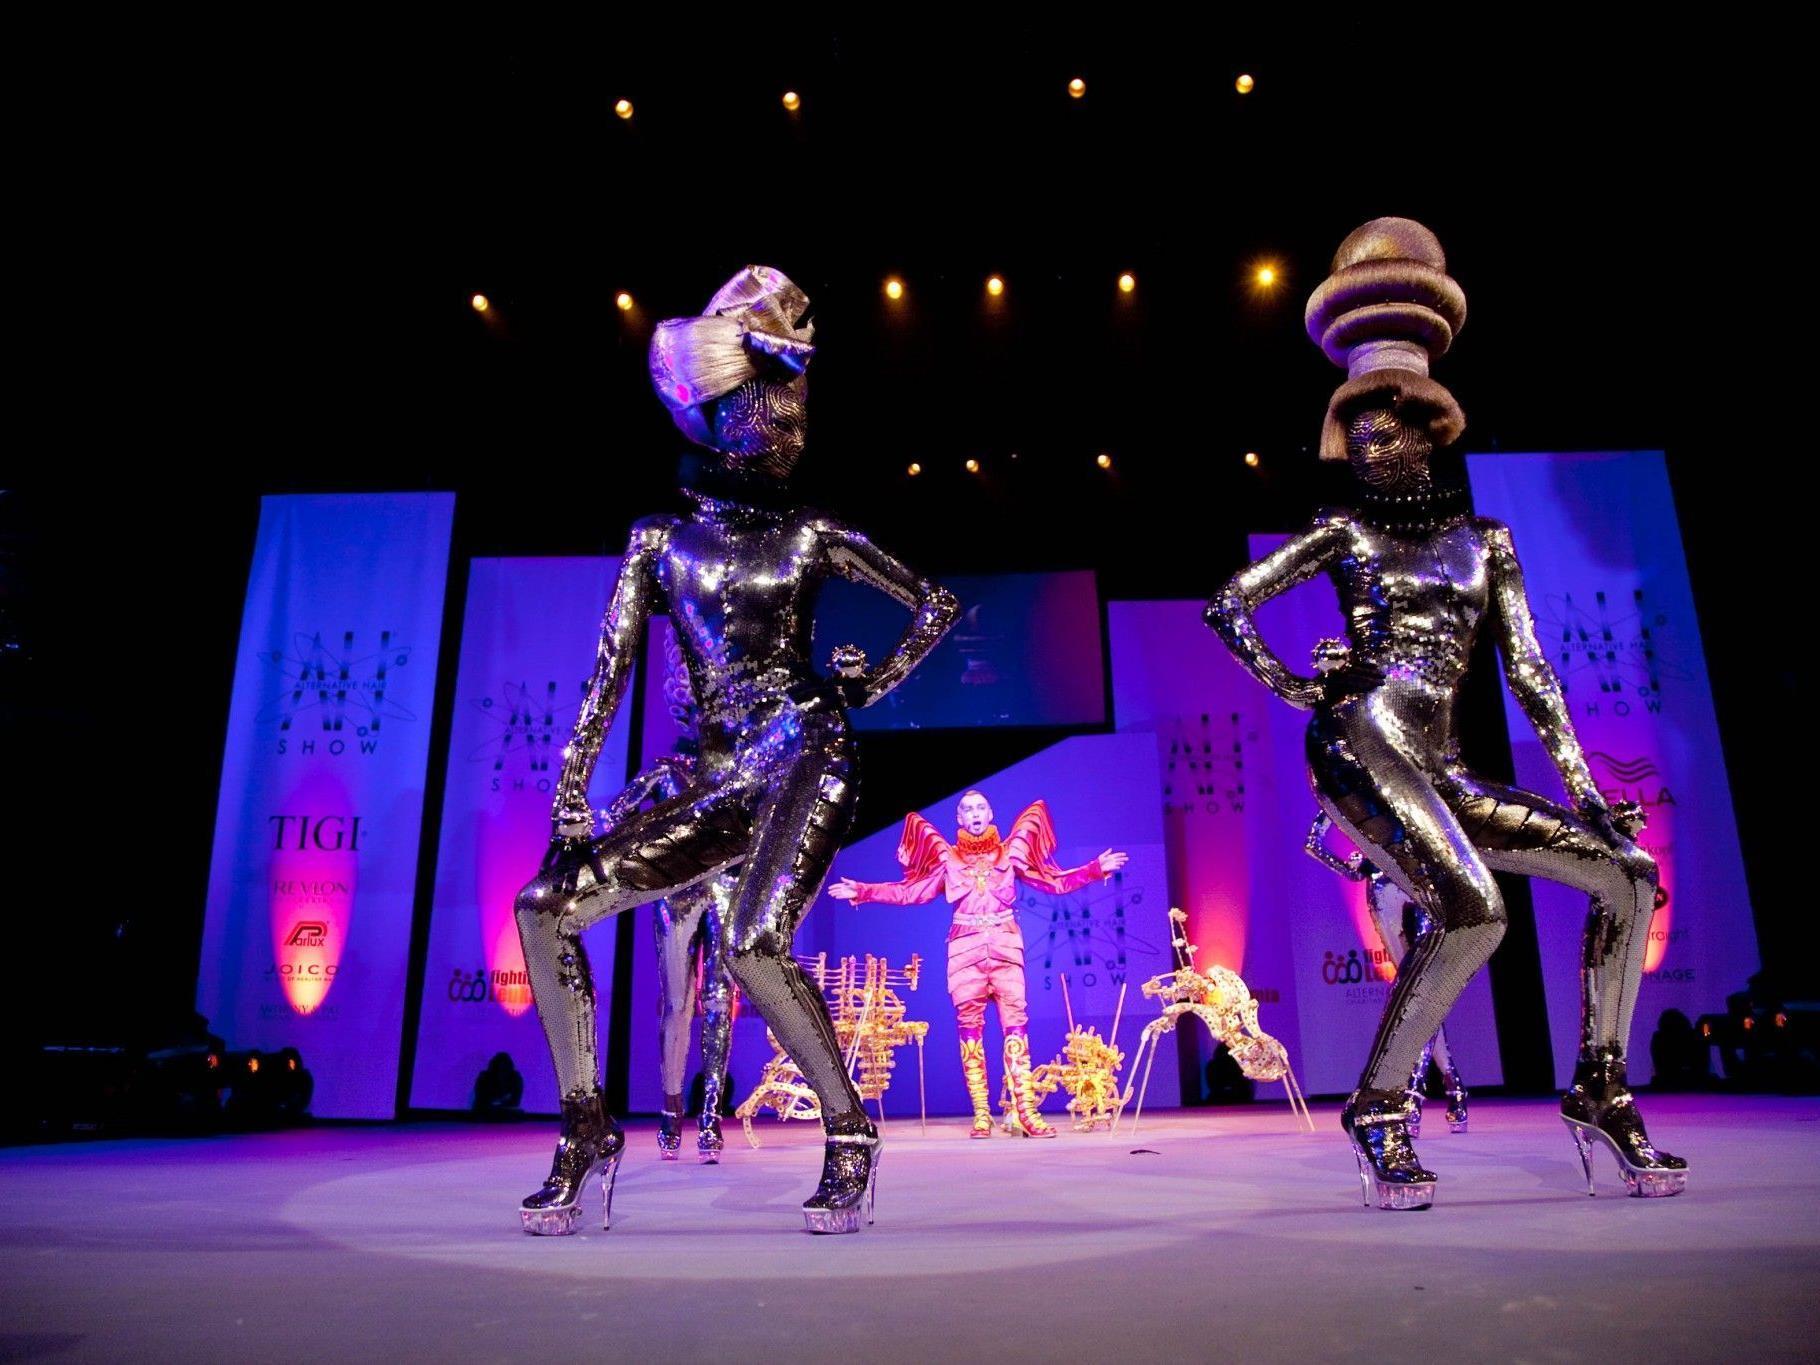 Mario Krankls Kunstwerke begeisterten weltweit.